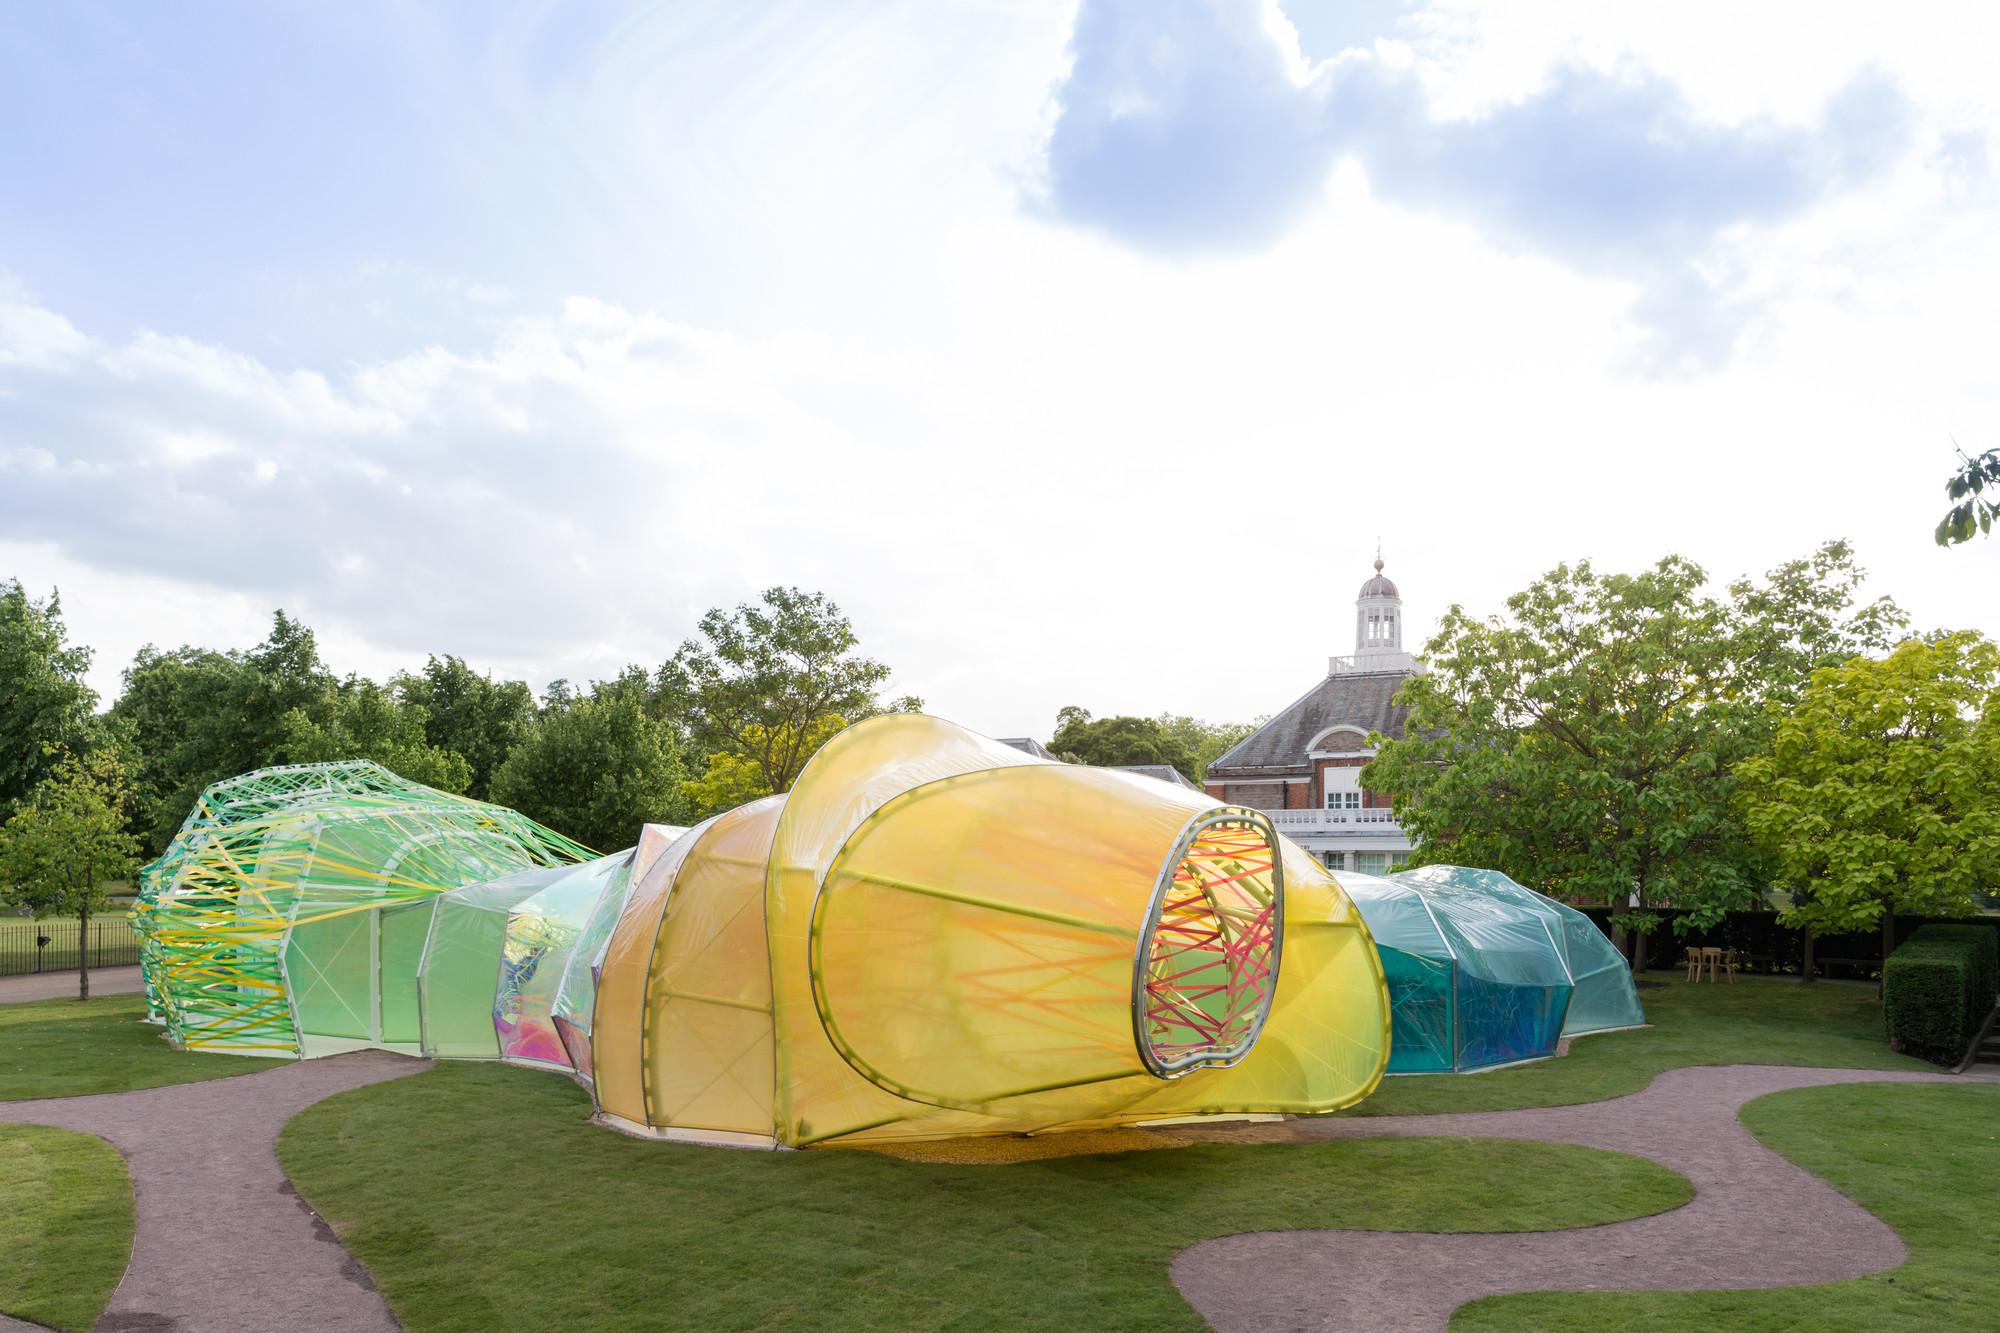 Serpentine Pavilion diseñado por SelgasCano 2015. Imagen © Iwan Baan